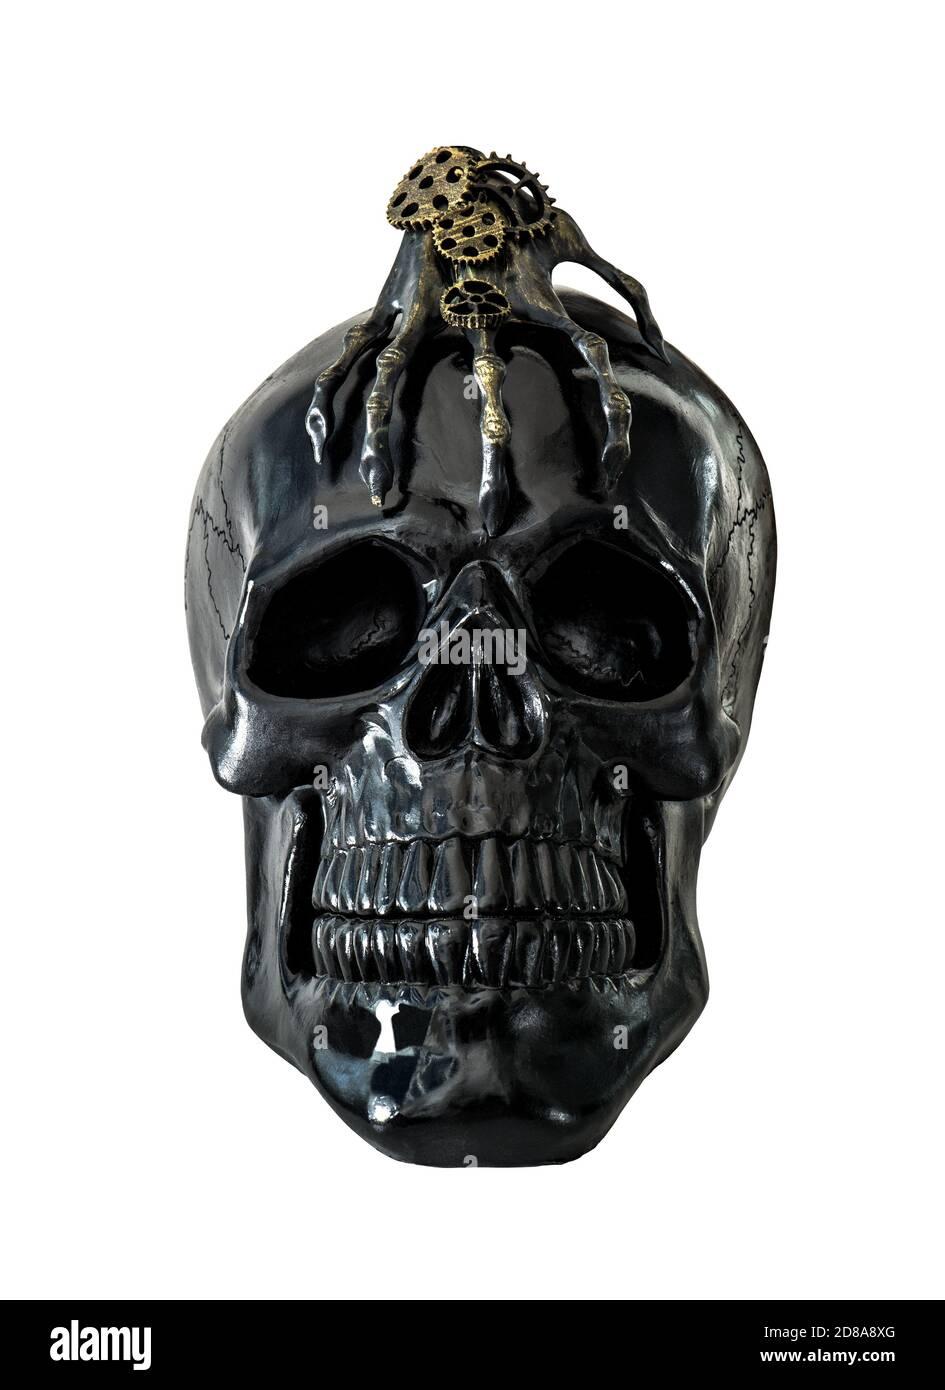 Calavera negra decoración de halloween aisladas sobre fondo blanco Foto de stock